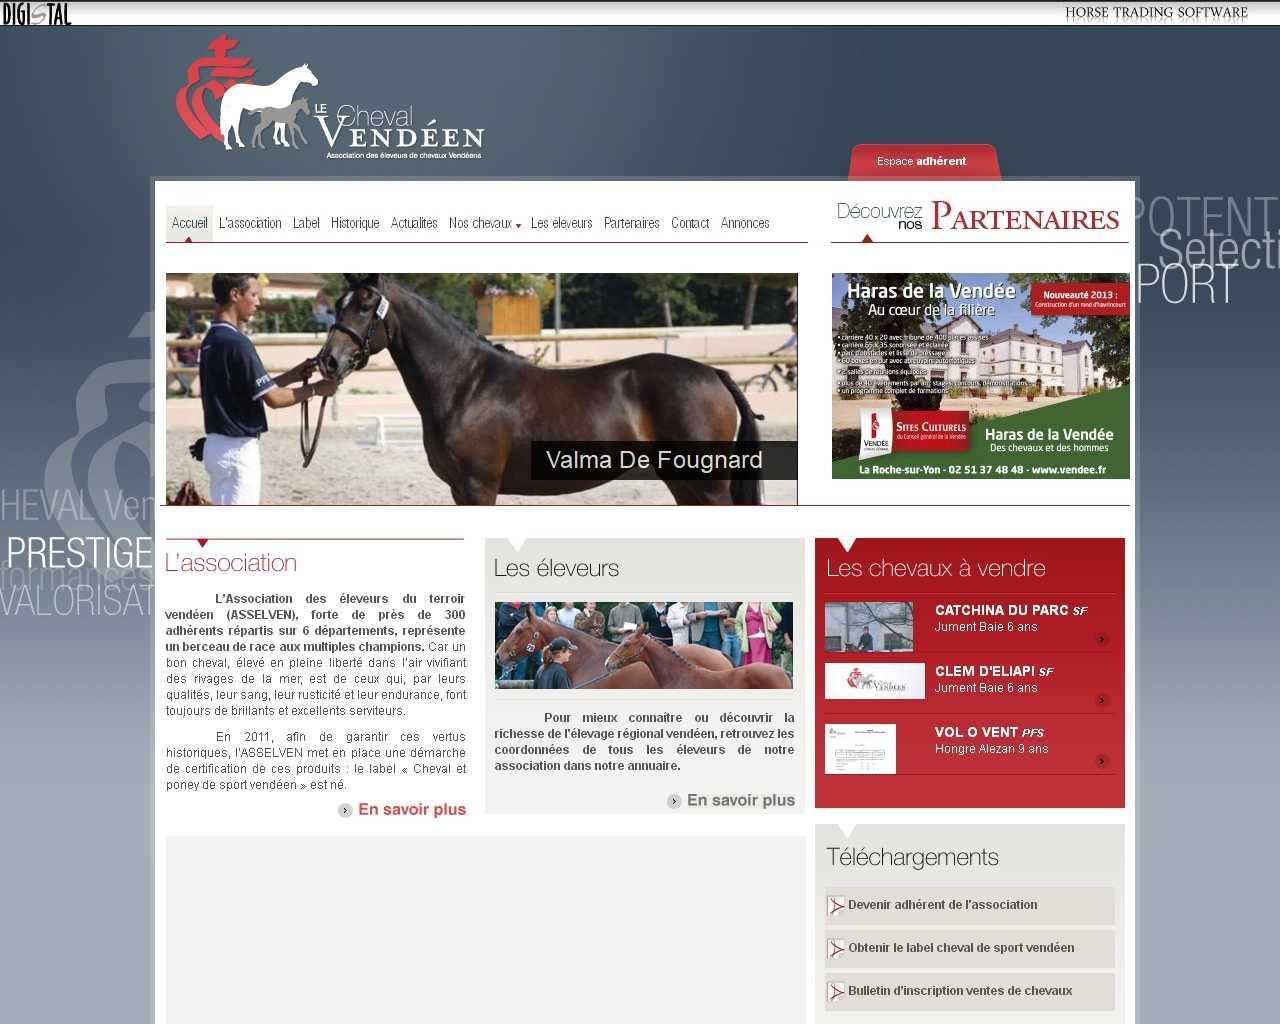 Visuel du site Association des Eleveurs du Terroir Vendéen